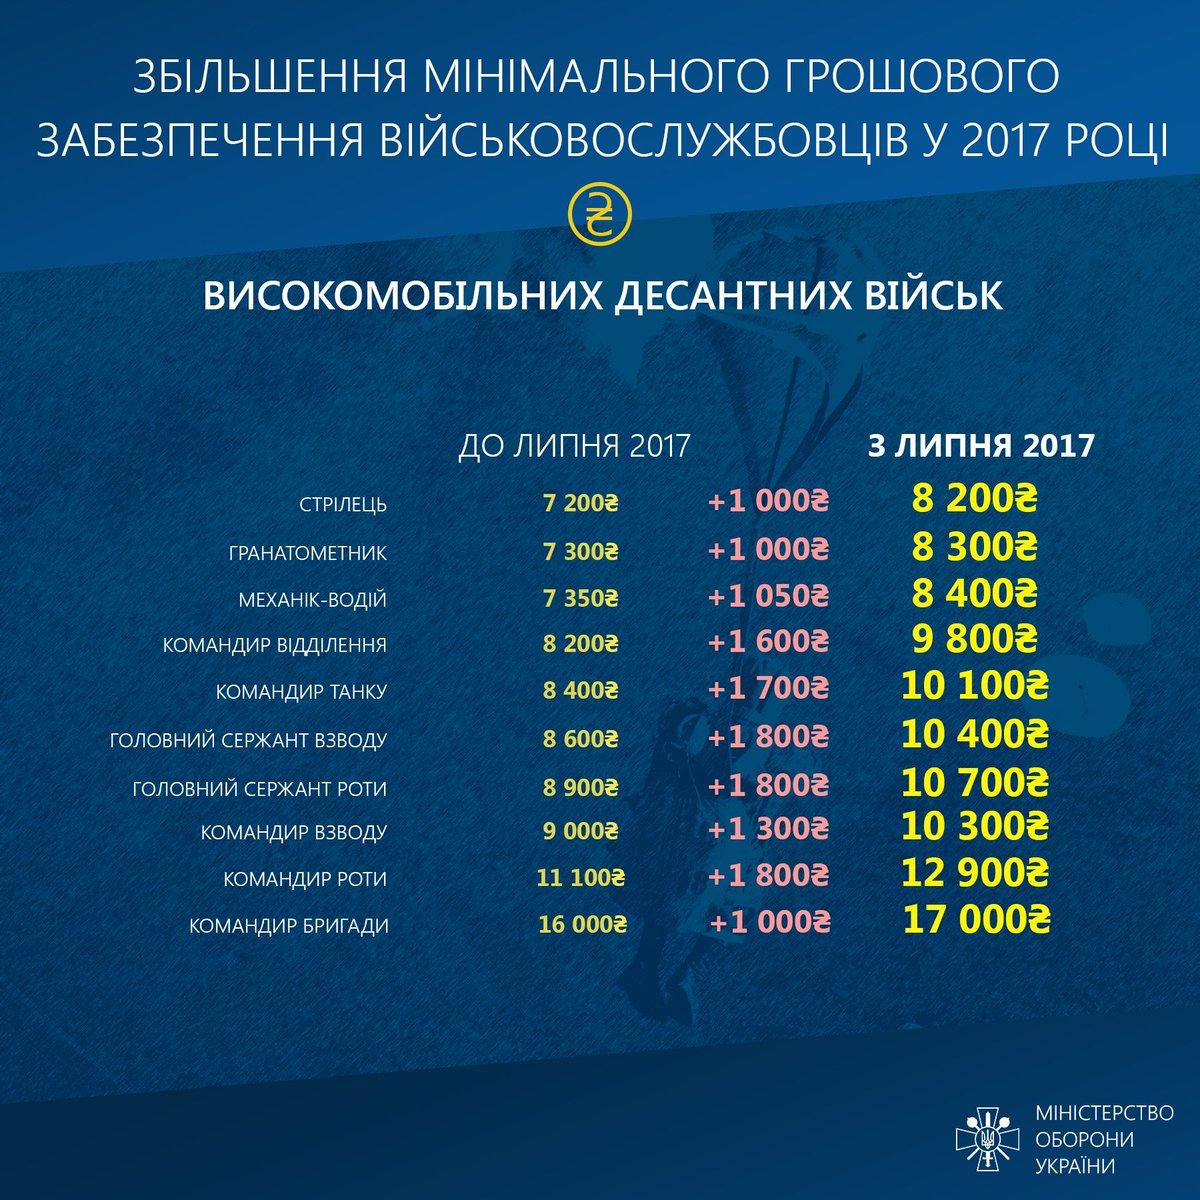 """""""Украина стала на путь коренных преобразований и уже с него не свернет"""", - Порошенко о повышении кредитного рейтинга Moody's - Цензор.НЕТ 2467"""